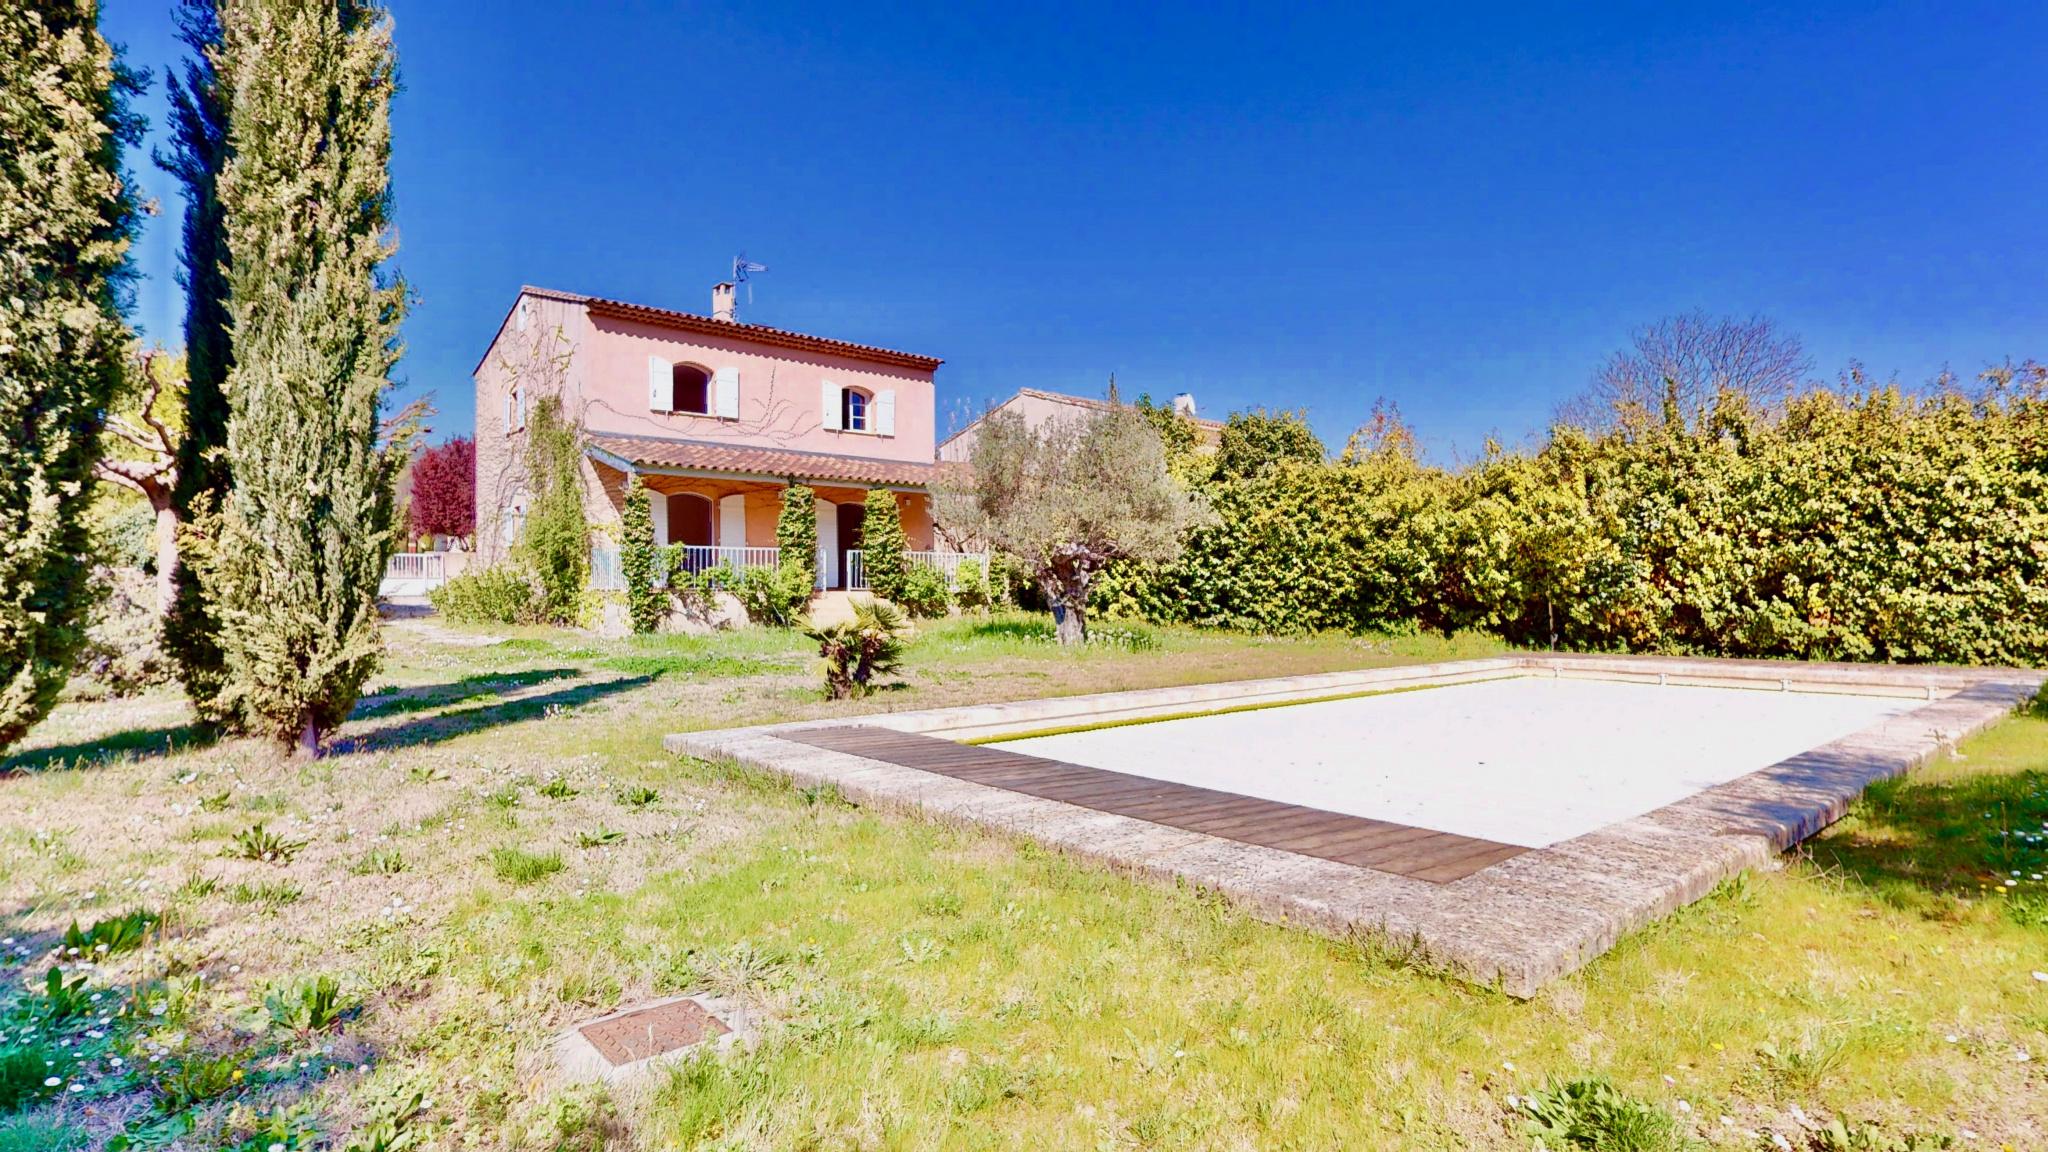 Maison avec jardin au cœur du Village de Lourmarin